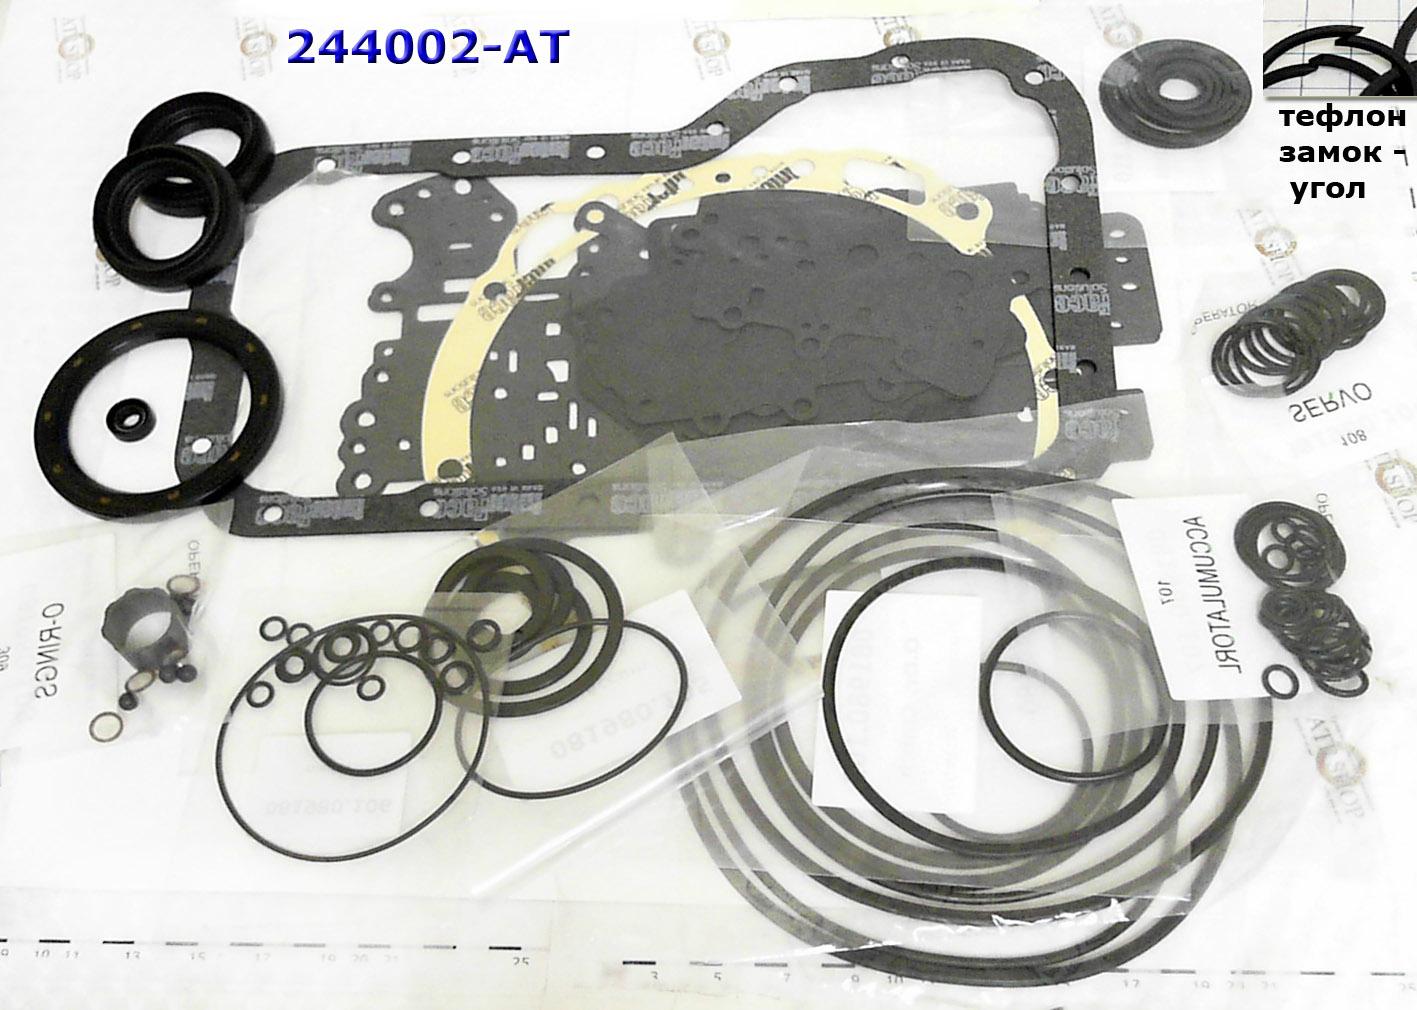 Комплект Прокладок и Сальников (Ремкомплект\ Оверол кит\ Overhaul Kit), 4EAT-F/F4A-EL Kia/Ford/Mazda 1990-06